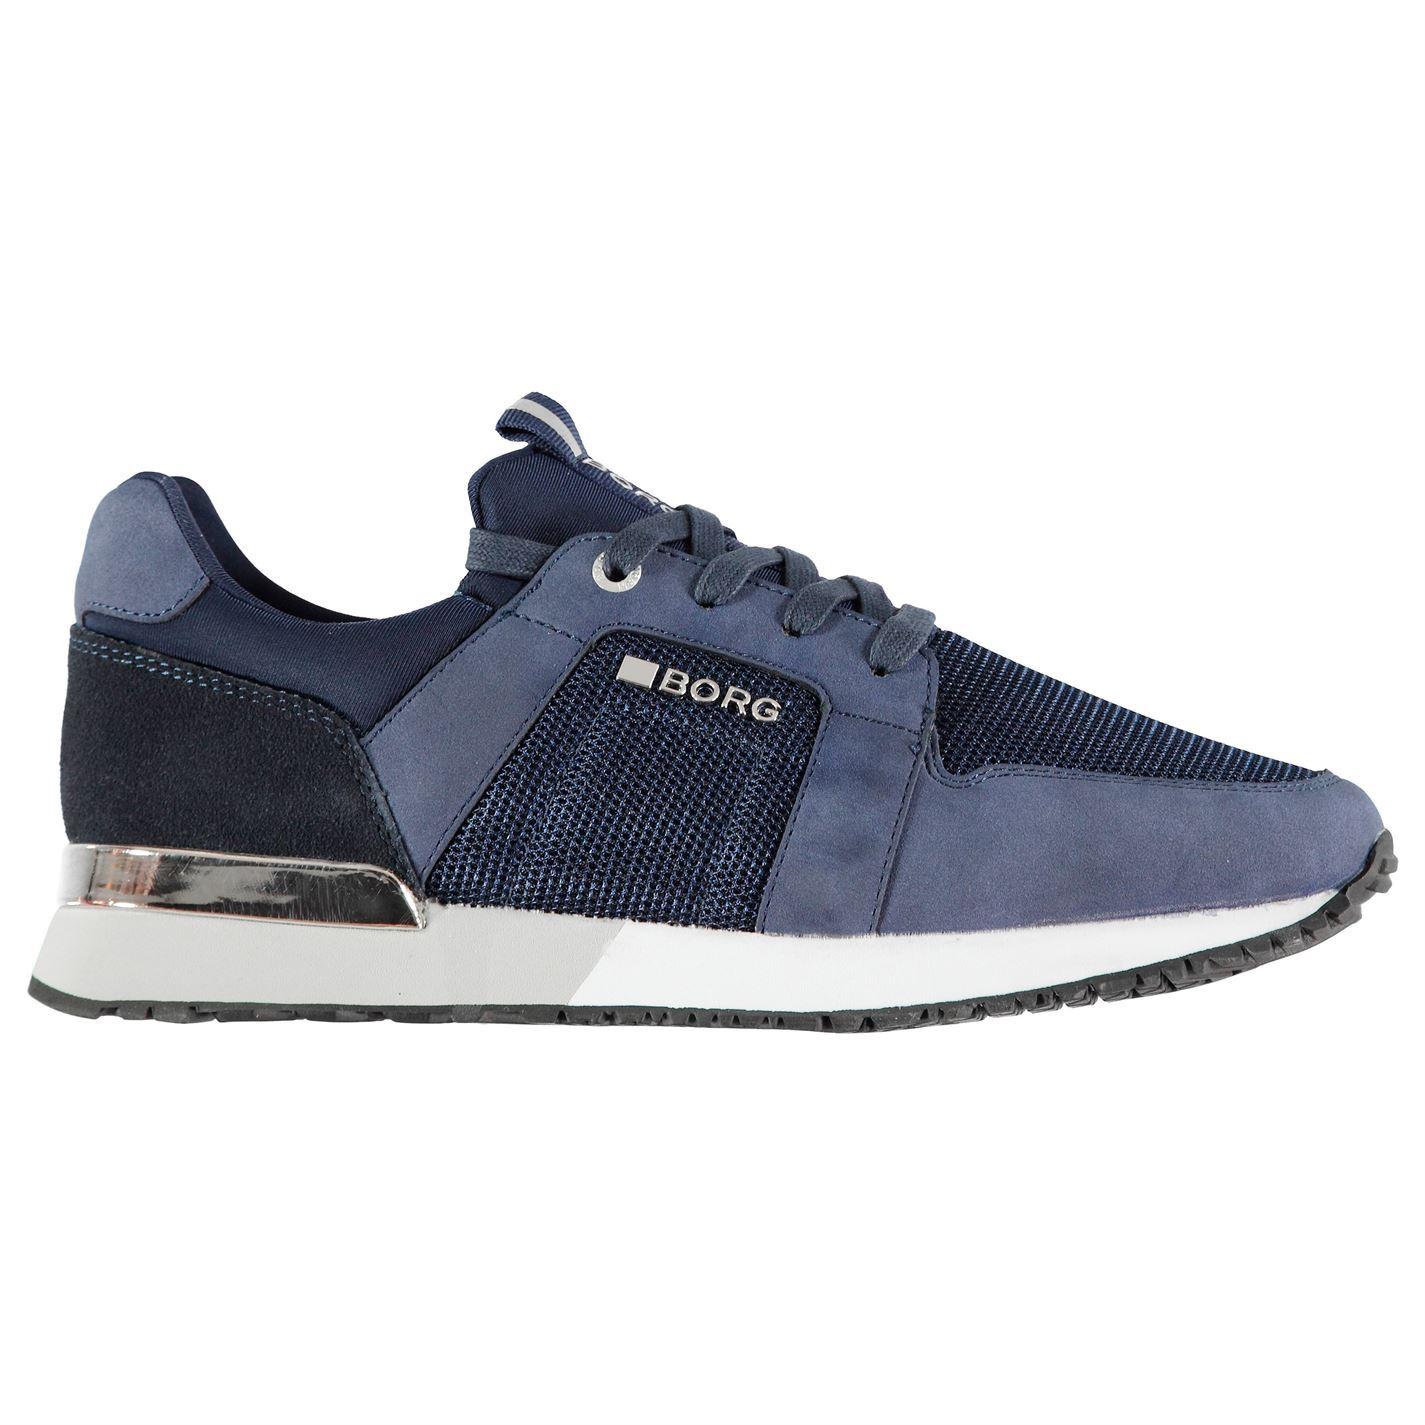 Borg Bjorn Hommes Chaussures Décontracté Basses Baskets R700 q4vHw4ZO